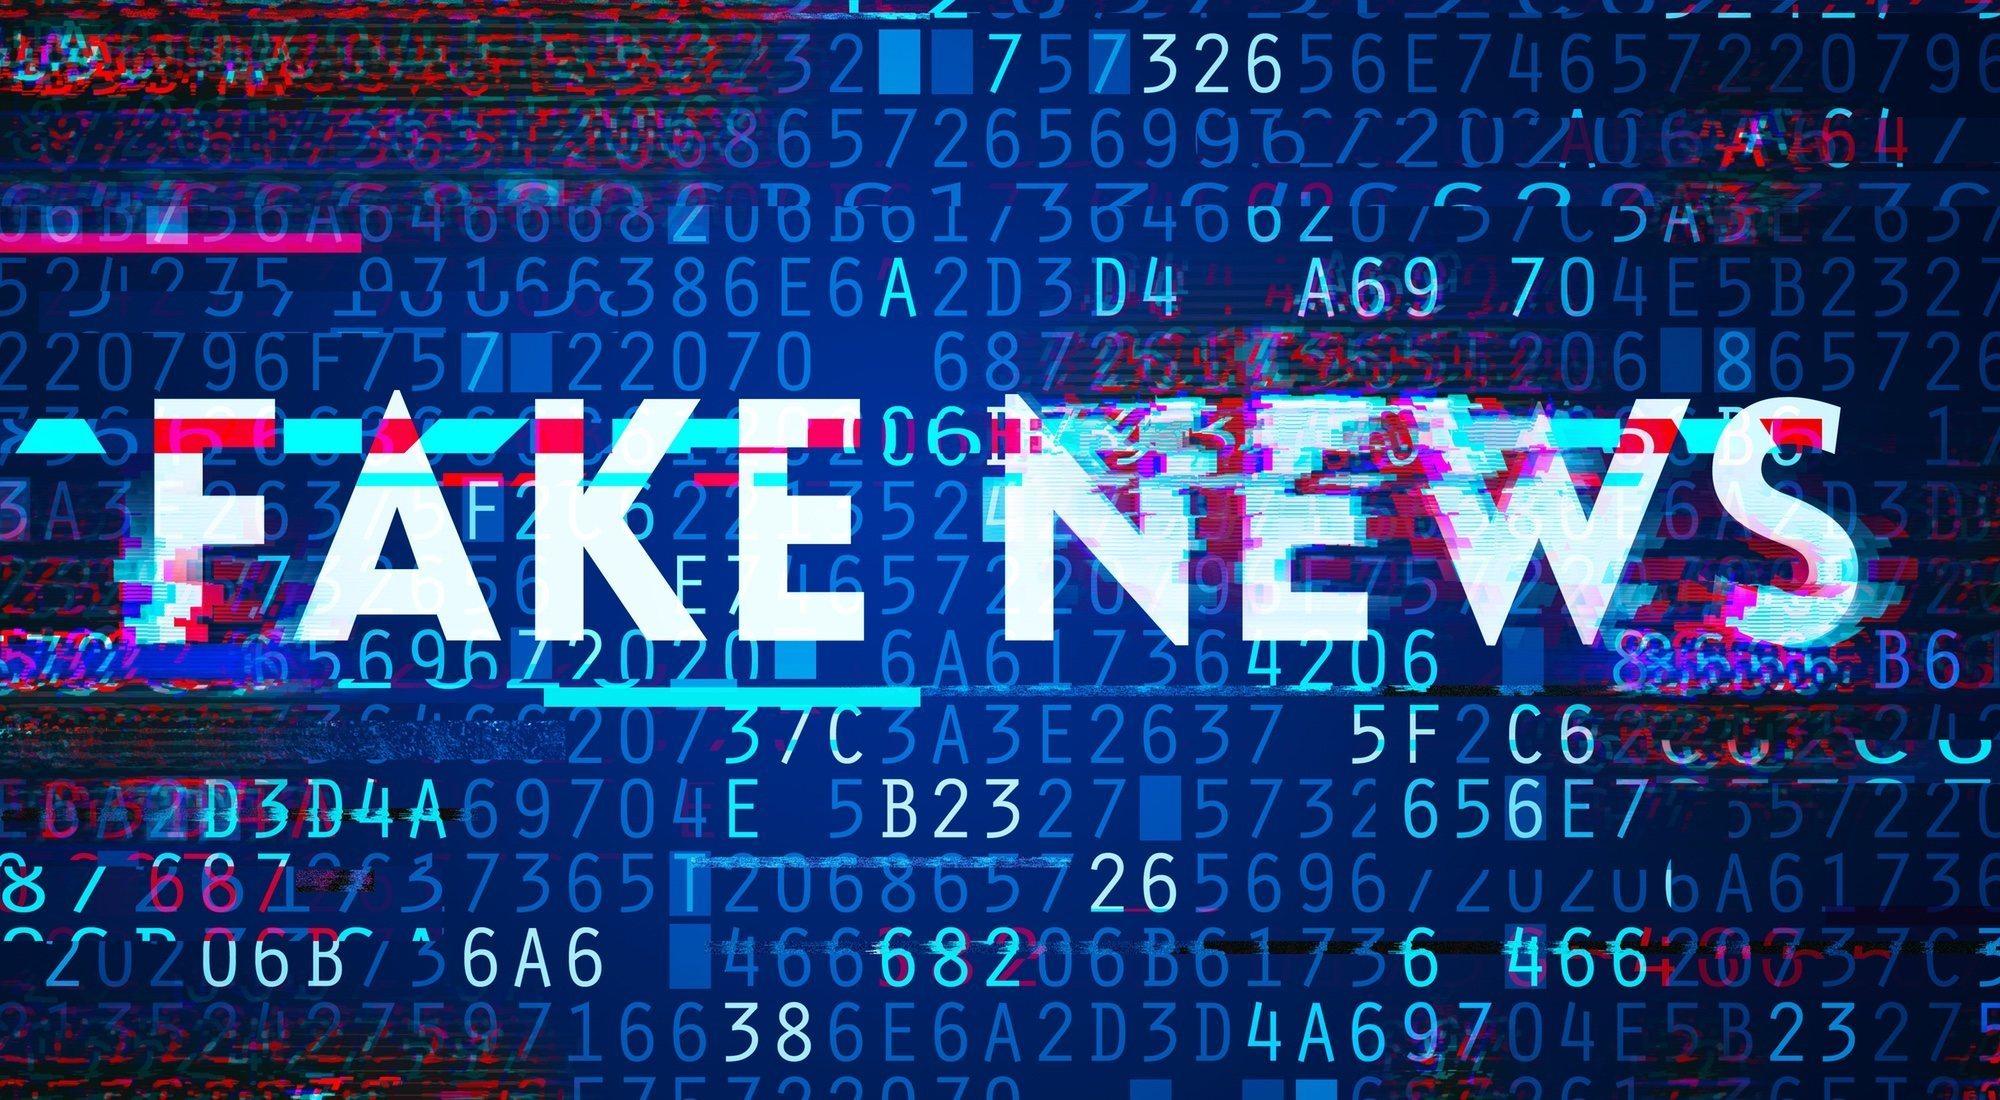 Qué son las fake news y cómo evitar caer en ellas: trucos y conceptos